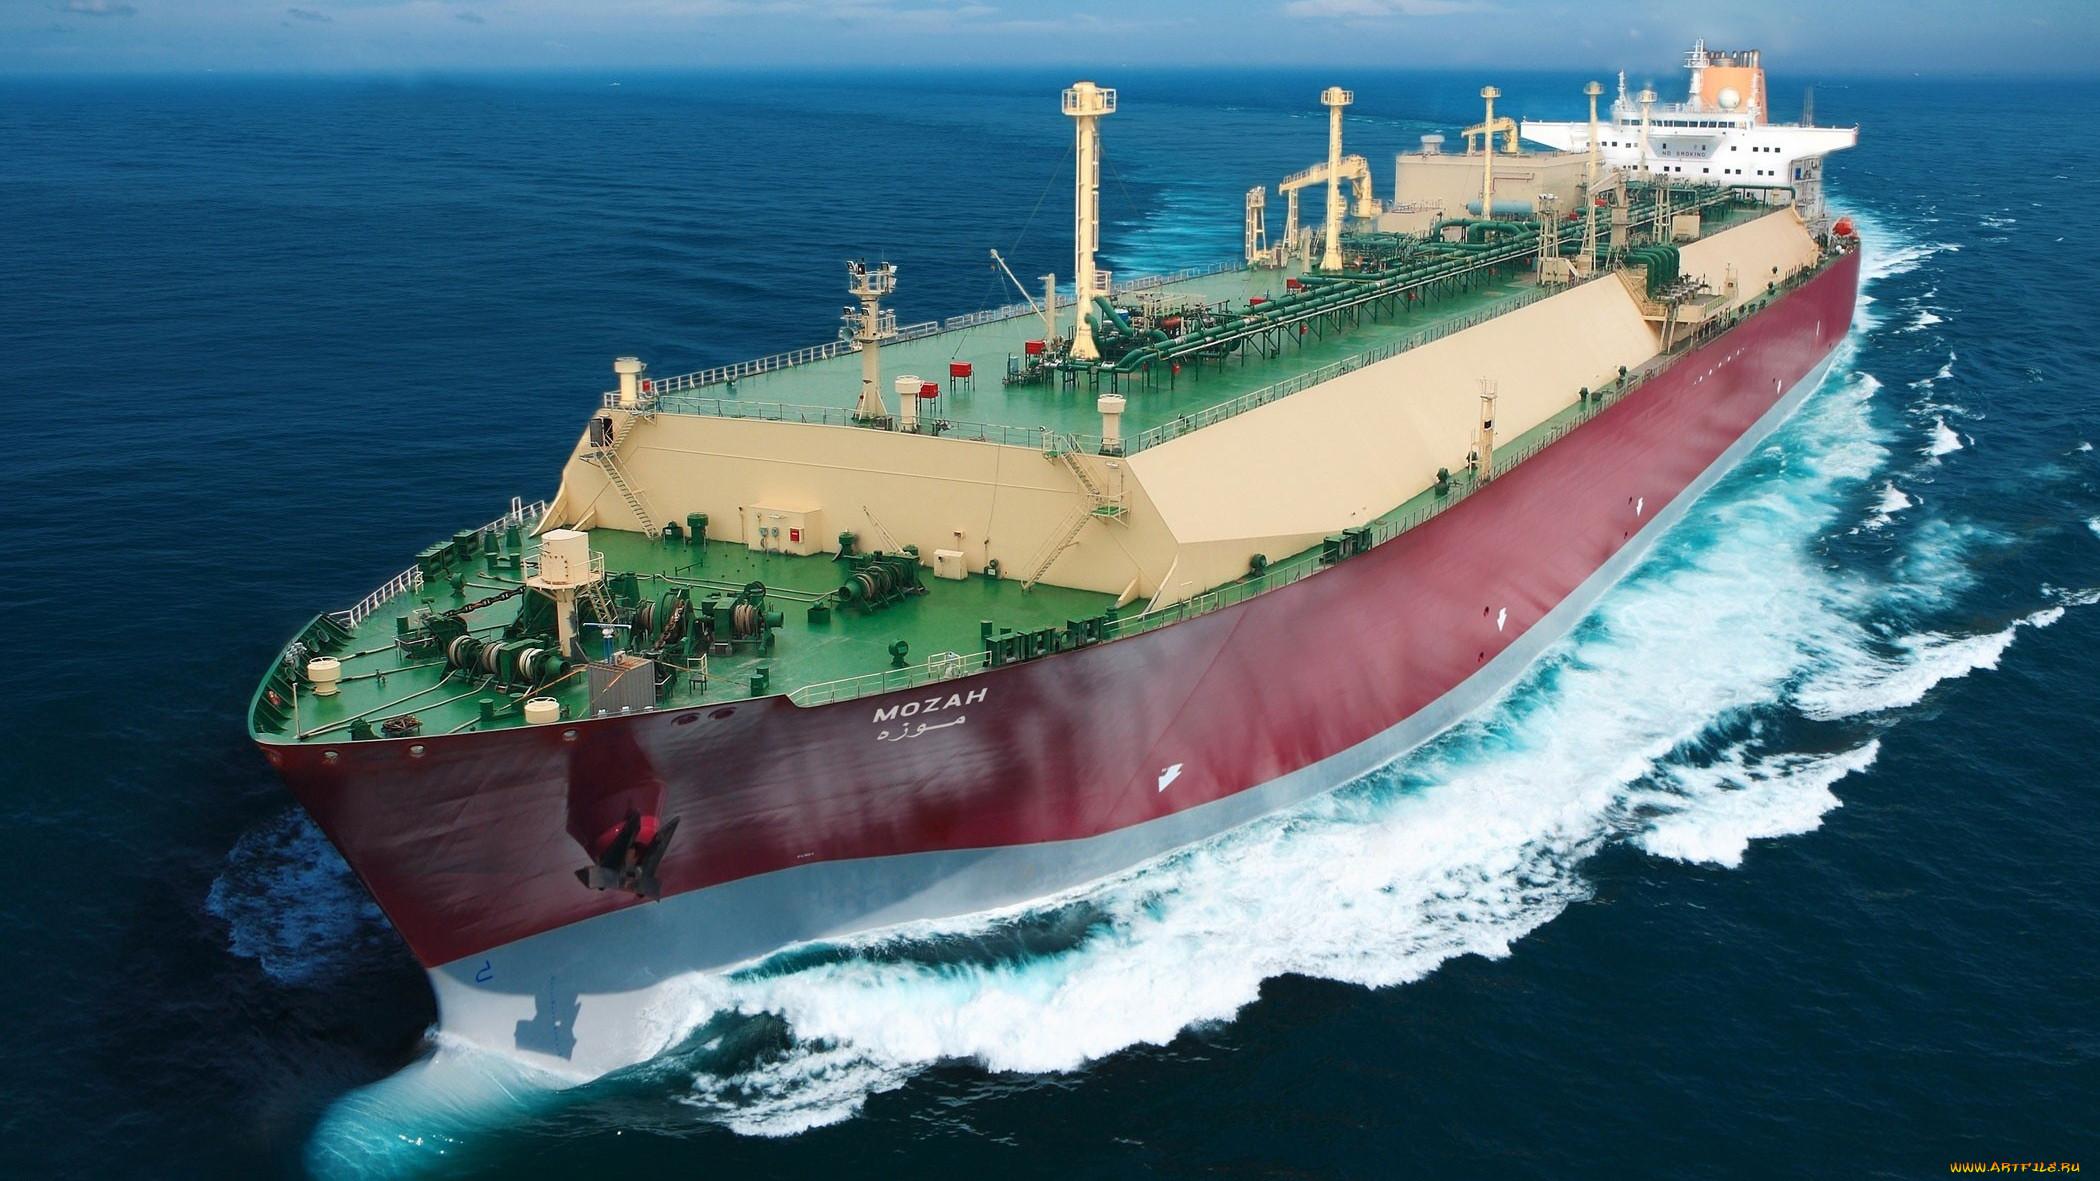 закрывает самые большие грузовые корабли фото владельцы